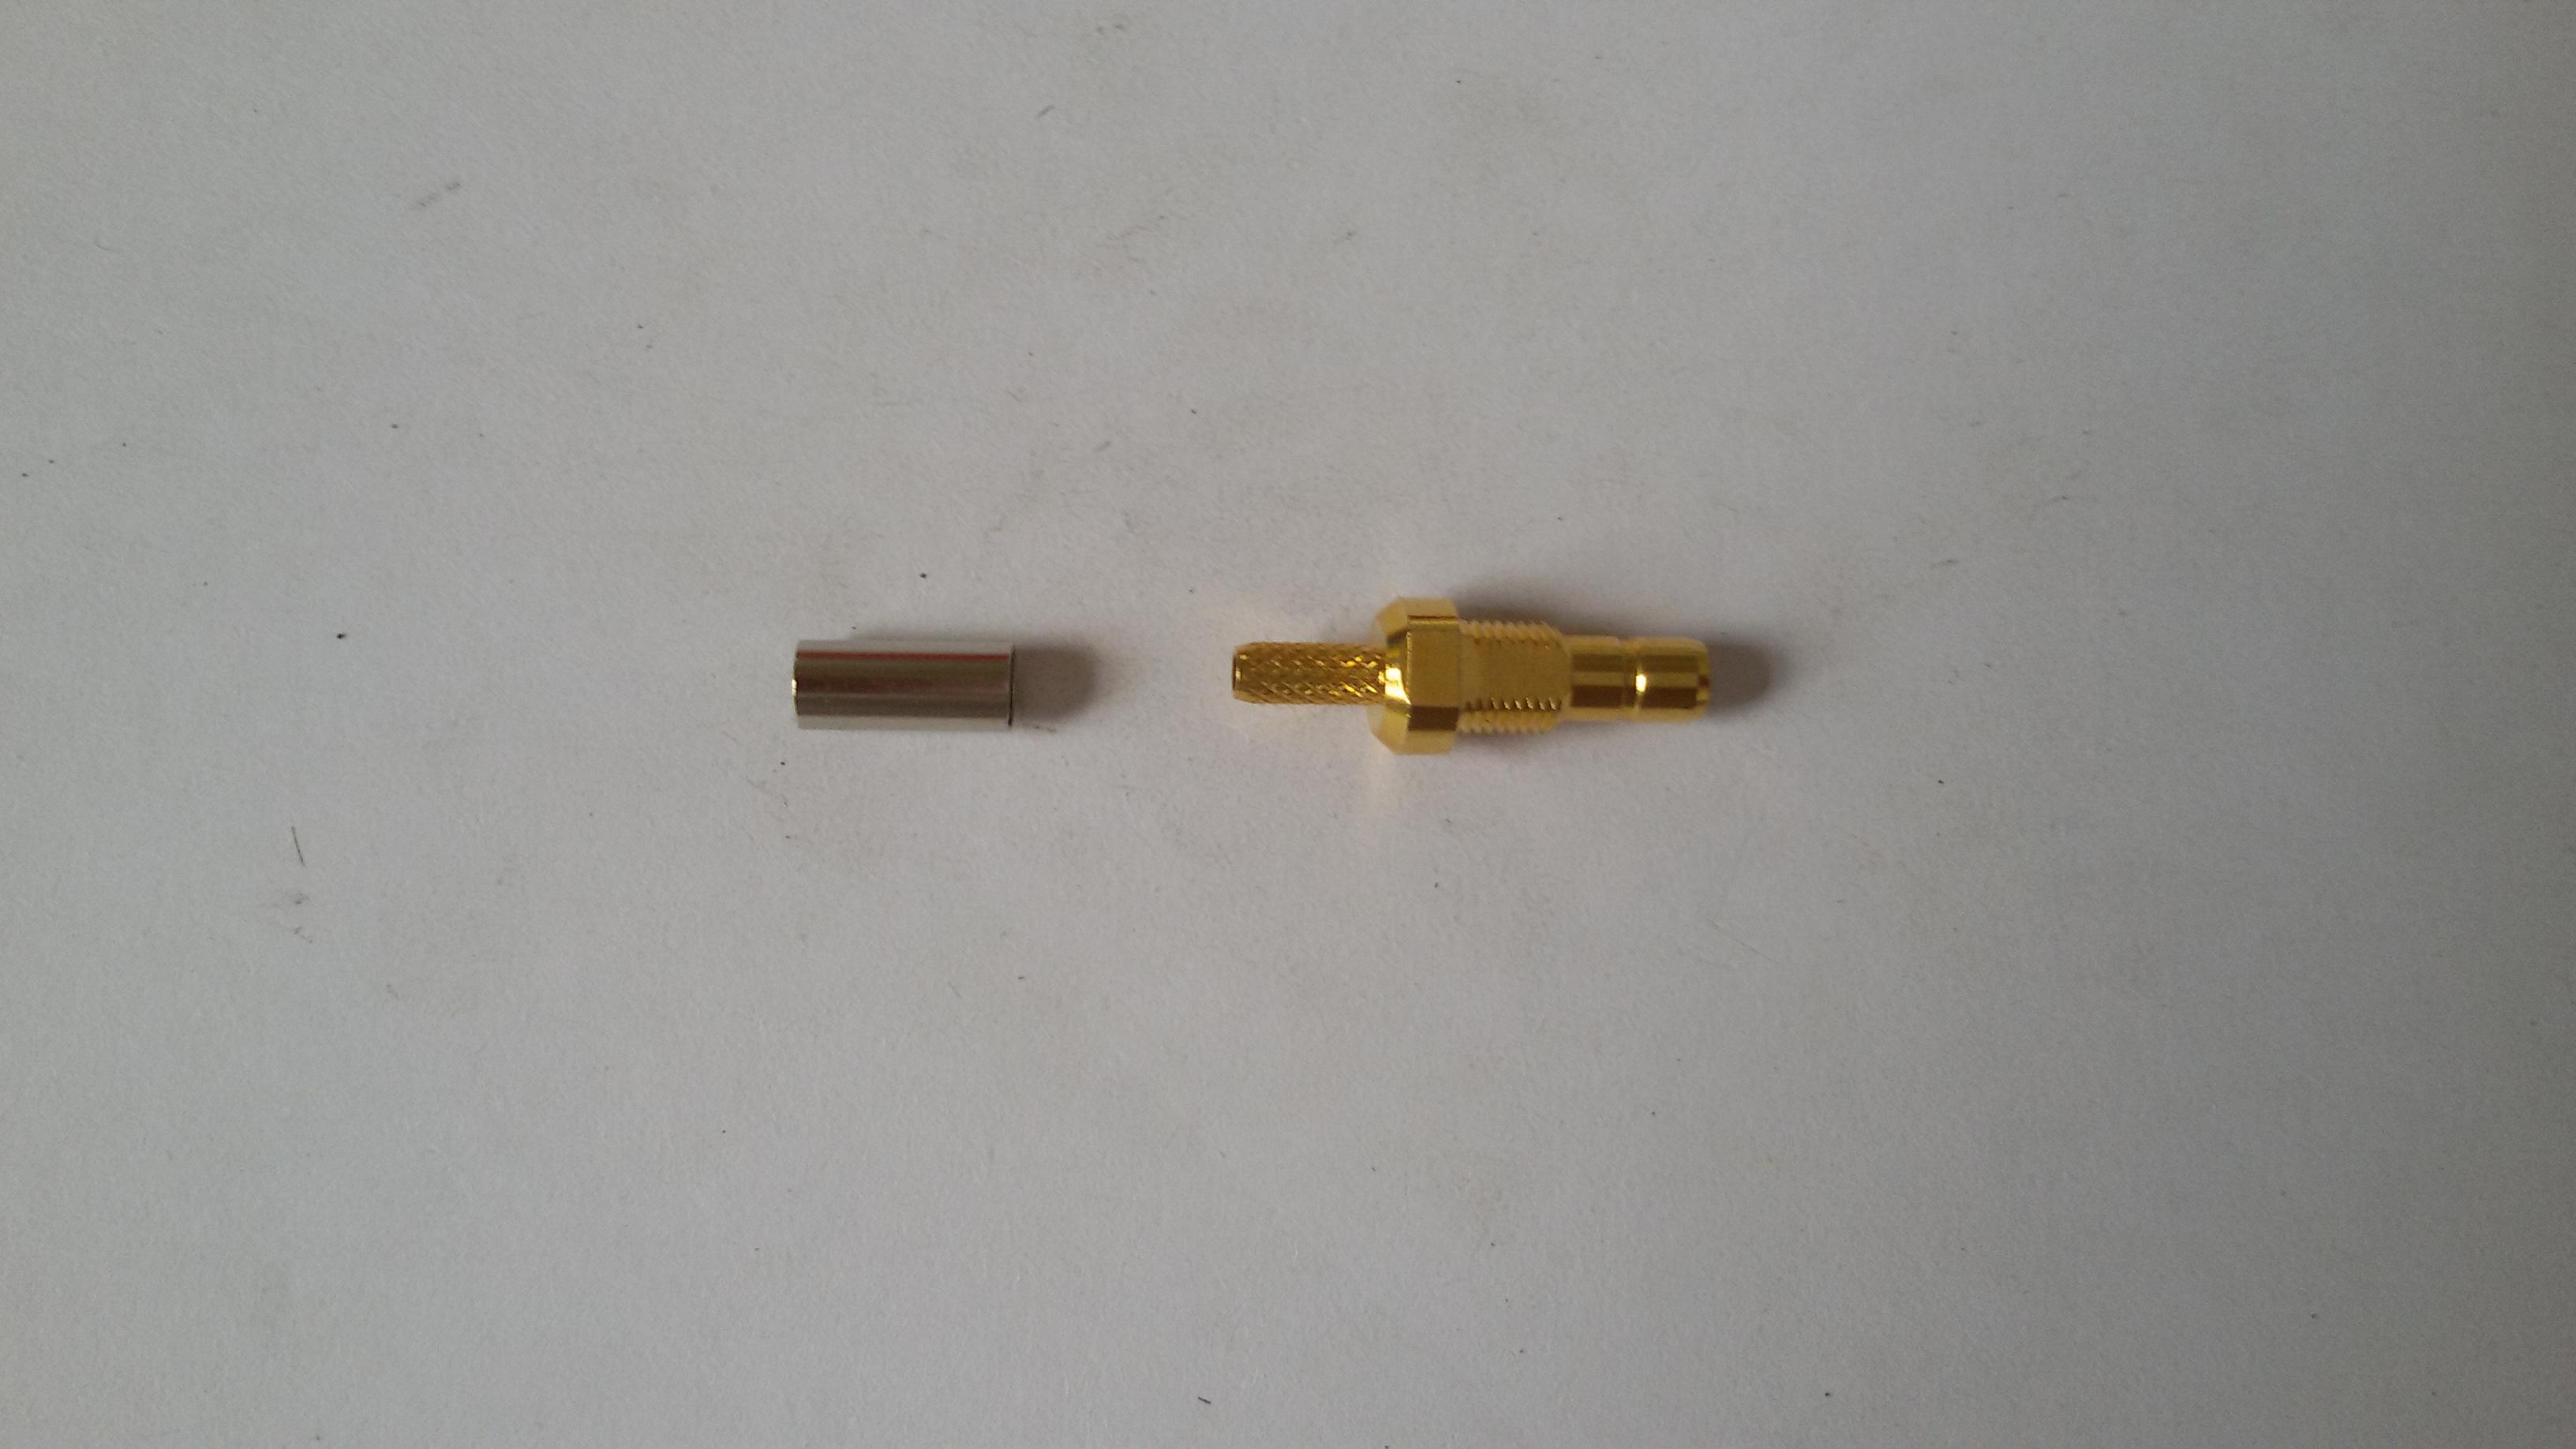 SMB型系列连接器 苏州SMB型系列连接器批发价 苏州SMB型系列连接器厂家电话